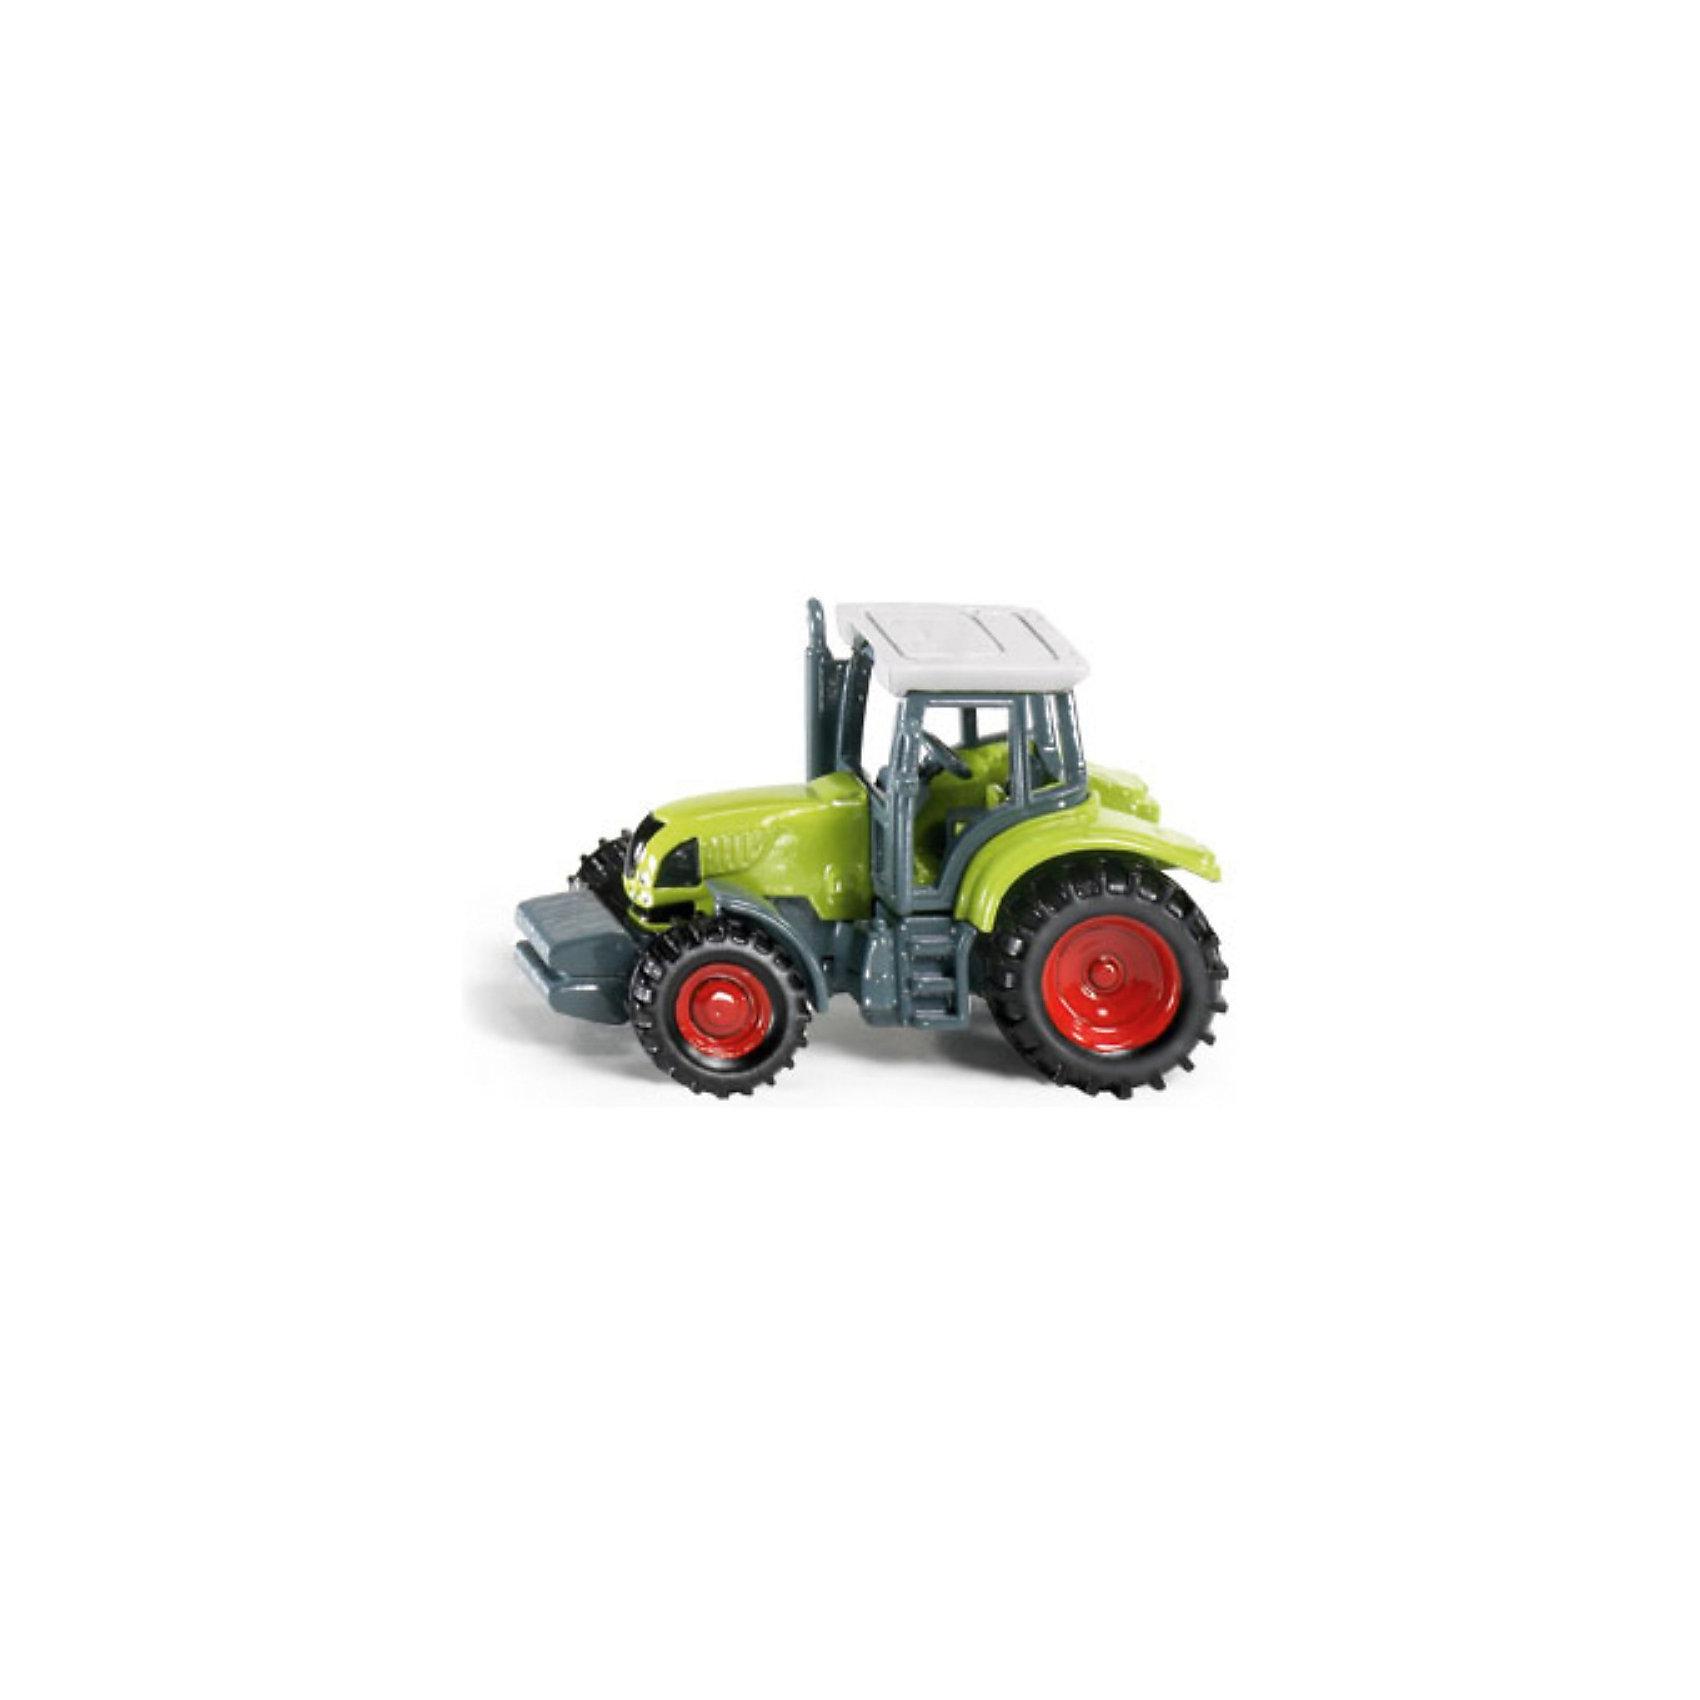 SIKU 1008 Трактор Claas Ares